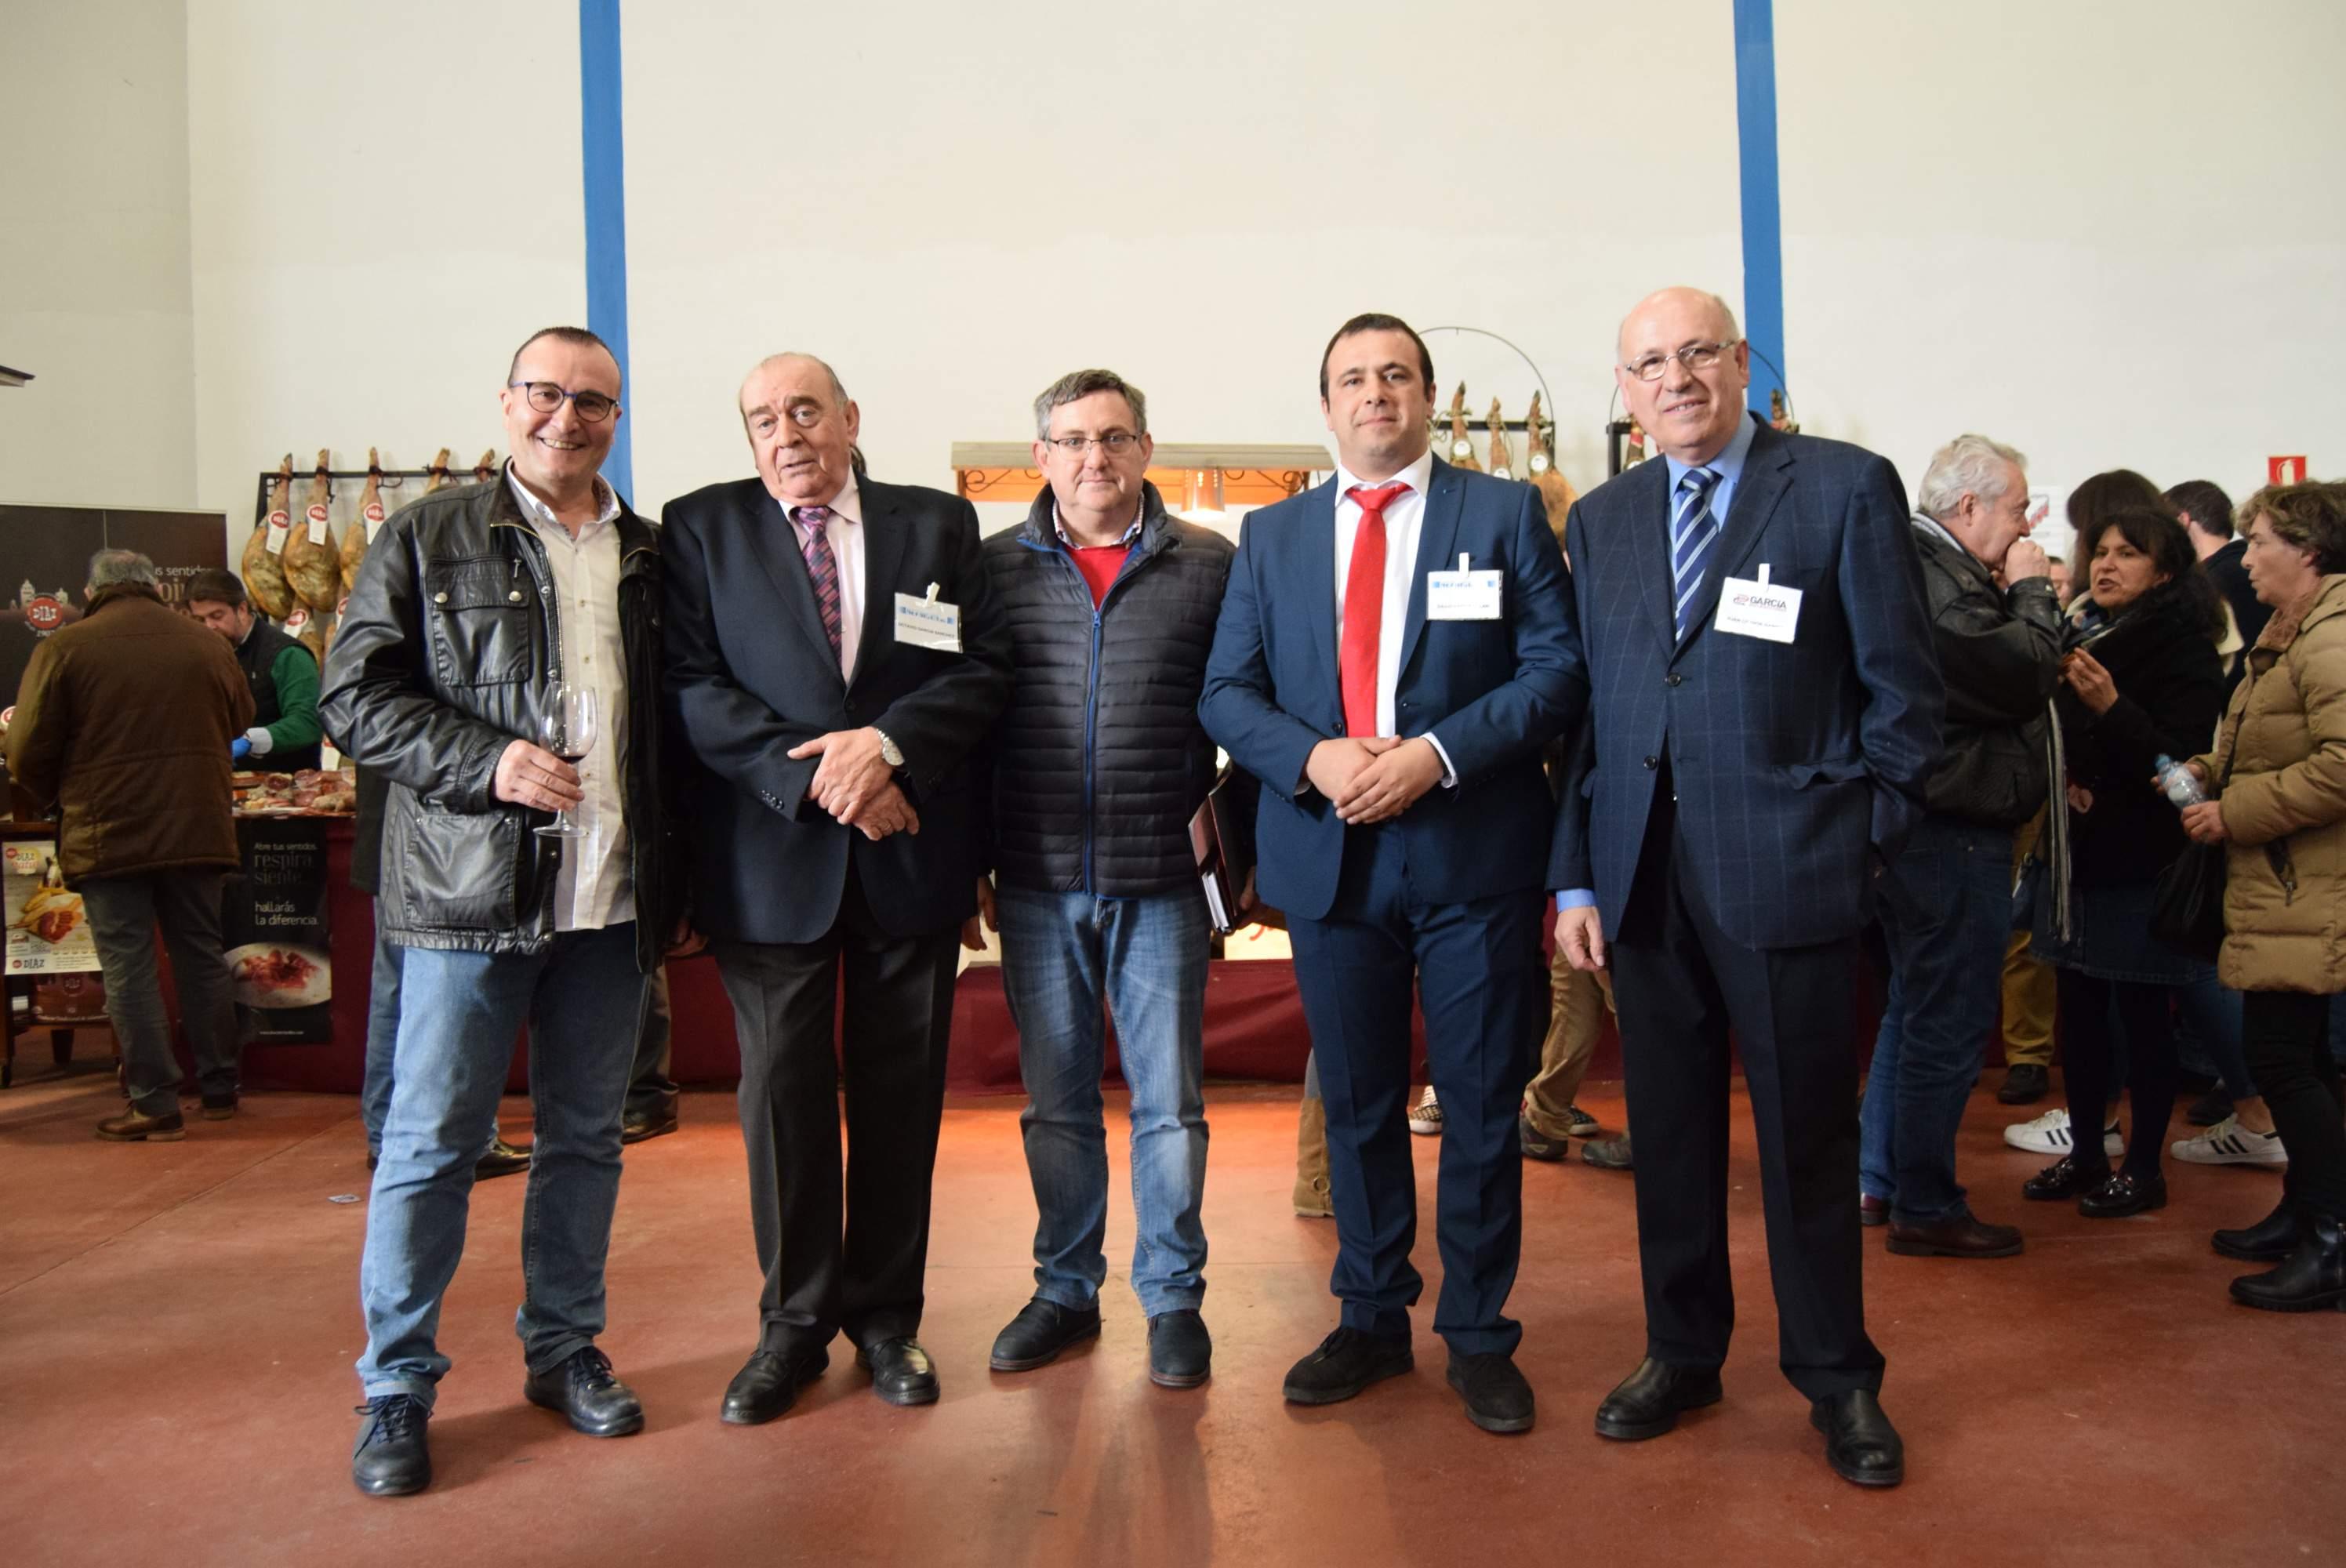 Directivos-de-Refricon-y-Distribuciones-Garcia-con-responsables-de-El-Olivar-de-Santa-Teresa.JPG